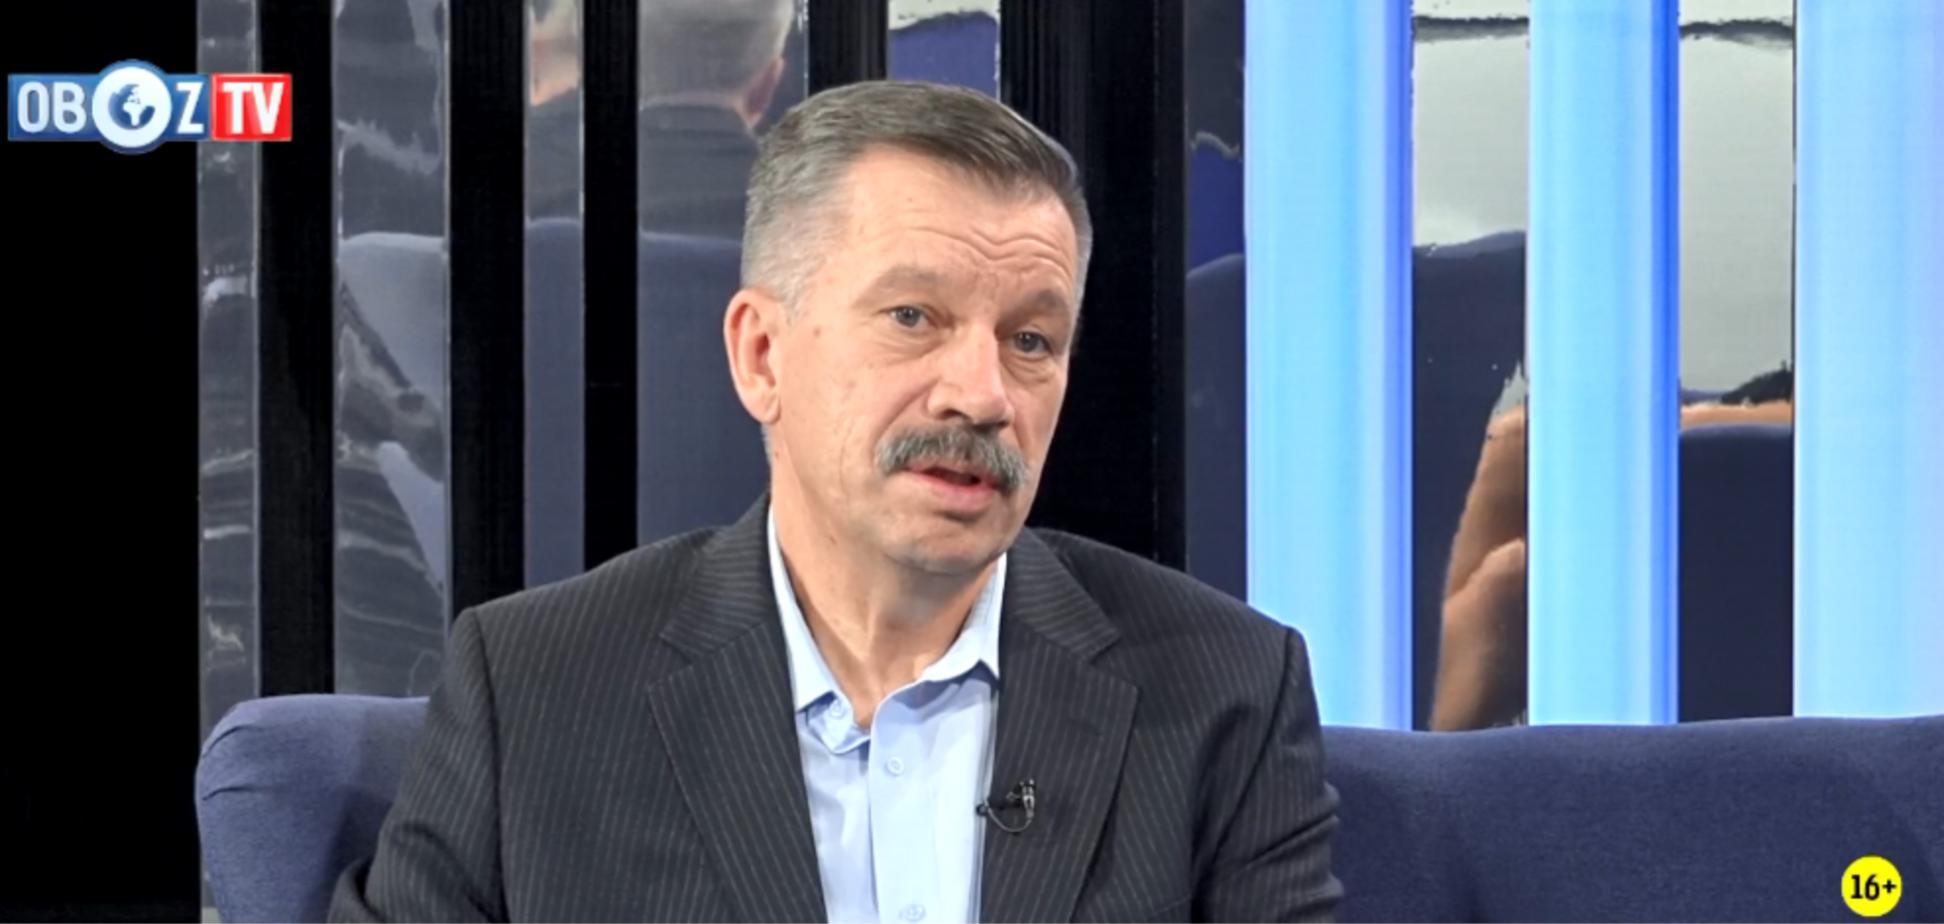 'Конец имперским амбициям': генерал спрогнозировал уход России из Украины